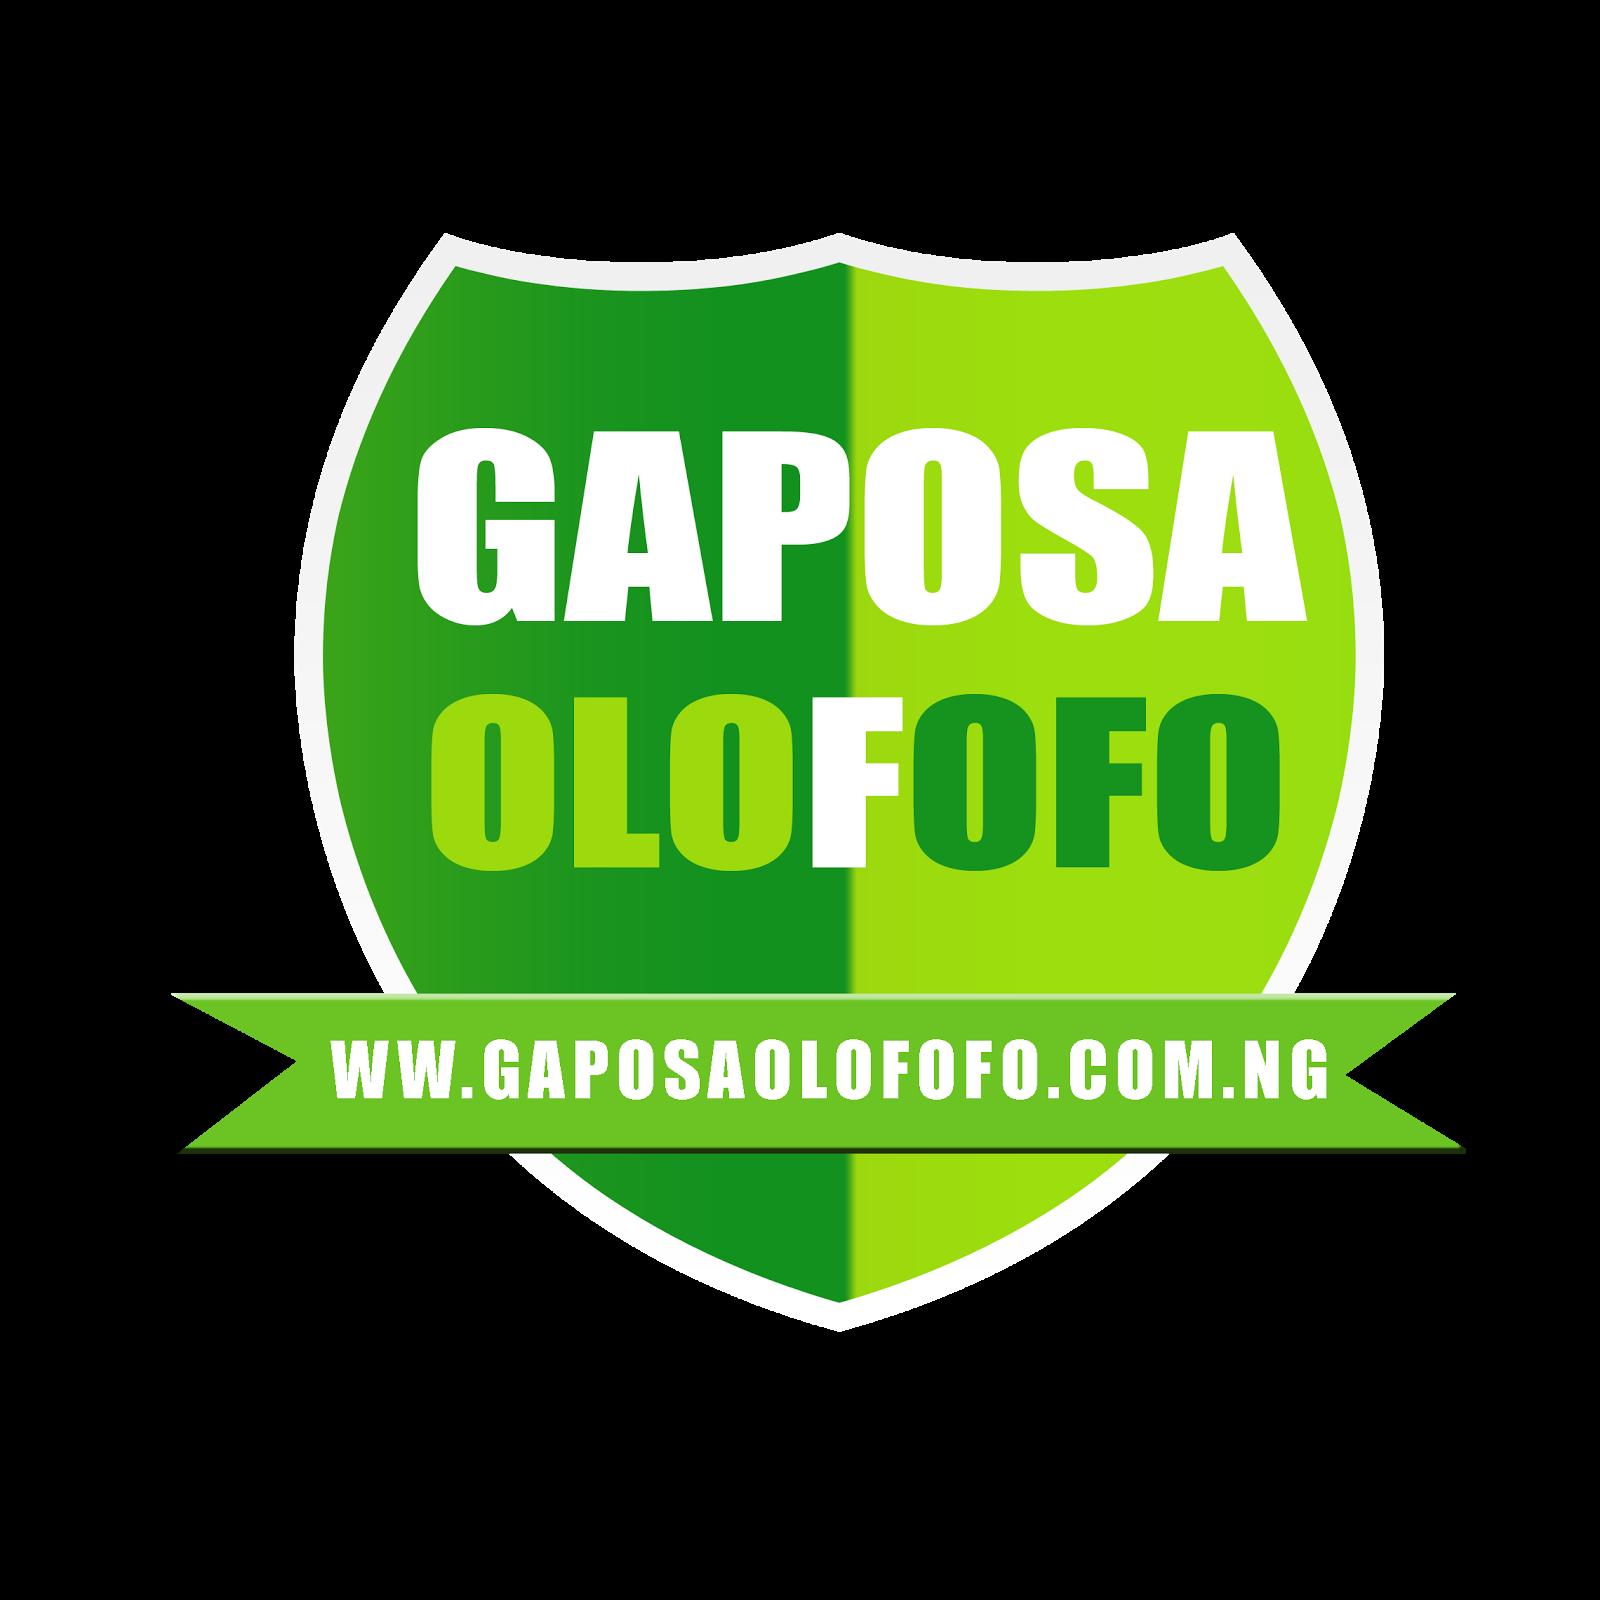 GAPOSAOLOFOFO